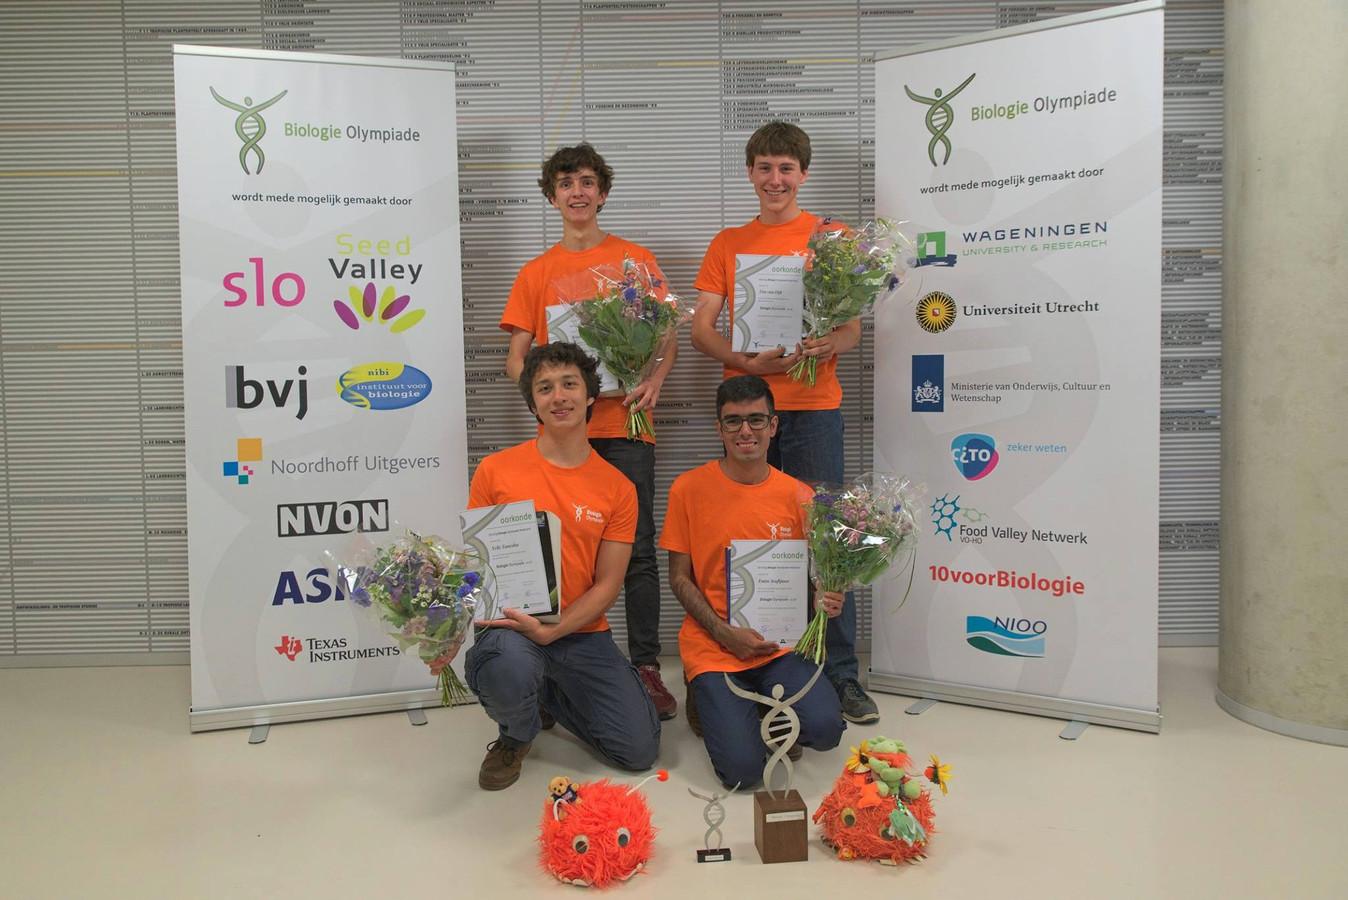 De vier winnaars van de Biologie Olympiade 2018. Met de klok mee: Ward de Ridder, Tim van Dijk, Emin Araftpoor en Yelle Tanesha.